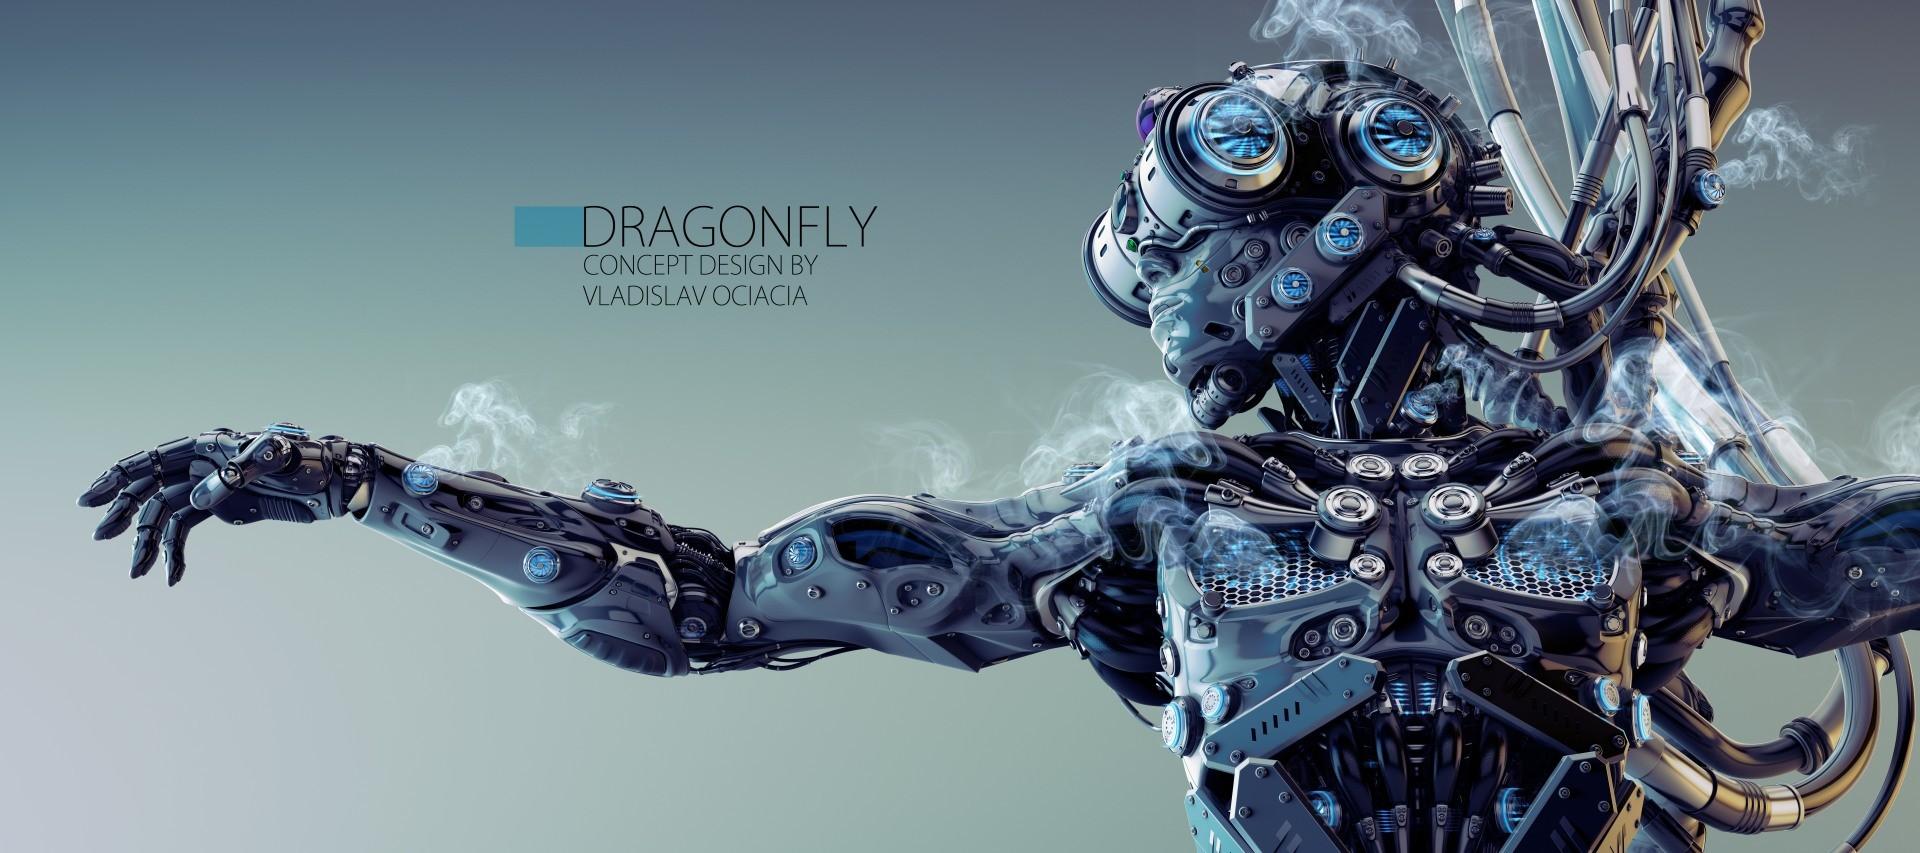 Vladislav ociacia robot dragonfly 11